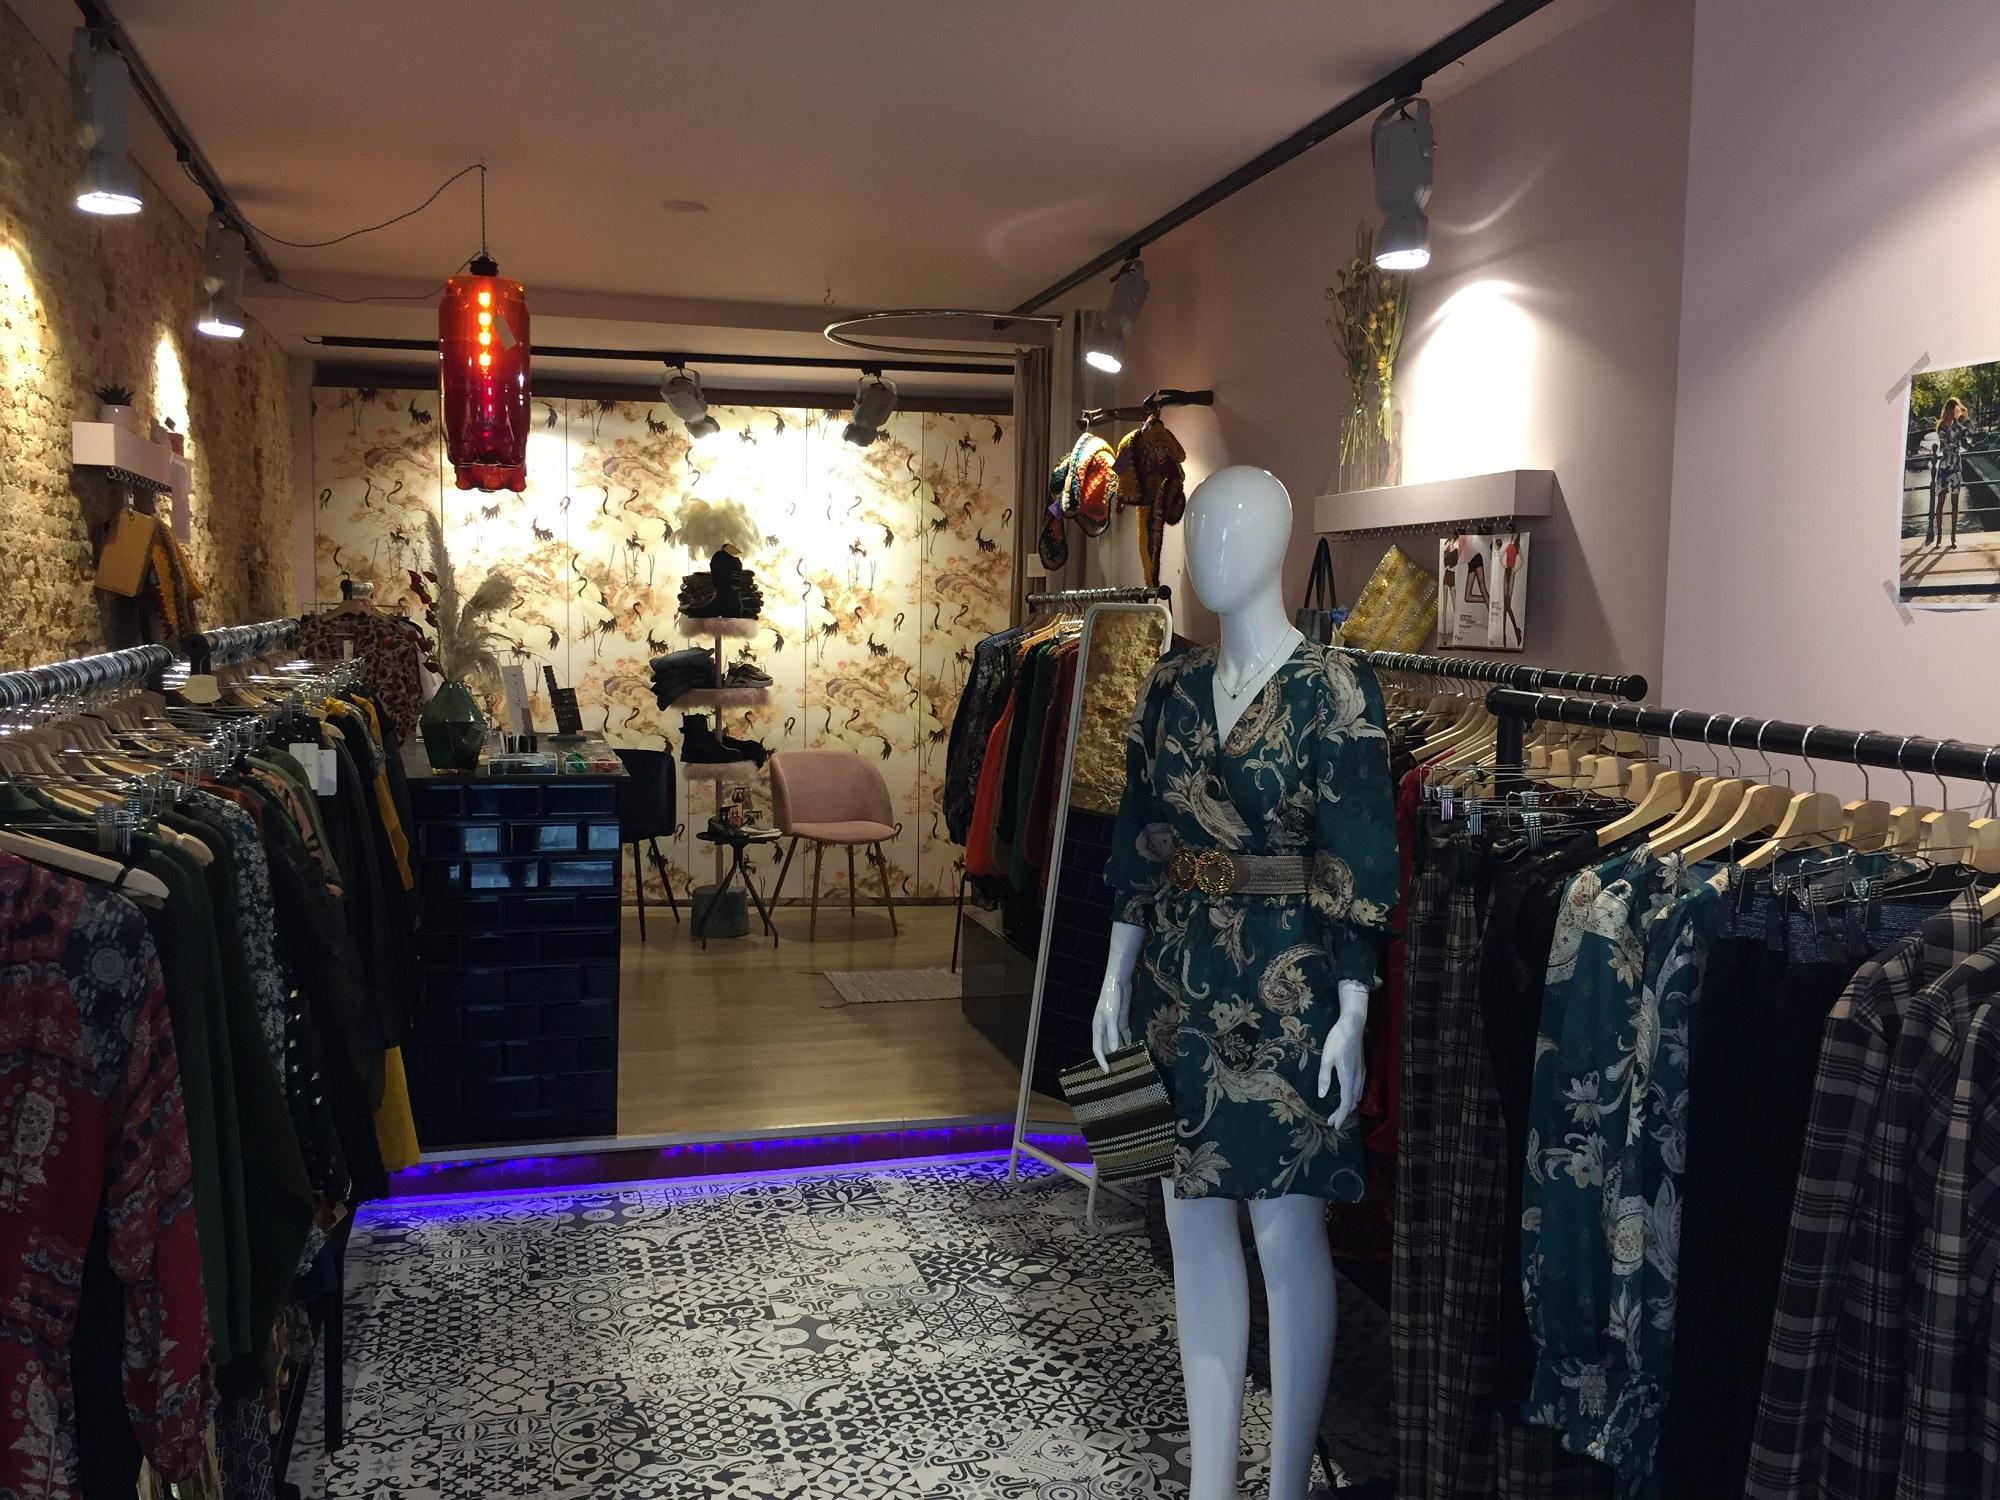 aanbiedingen bergen op zoom Lotje Store winkel vierkantje kleding